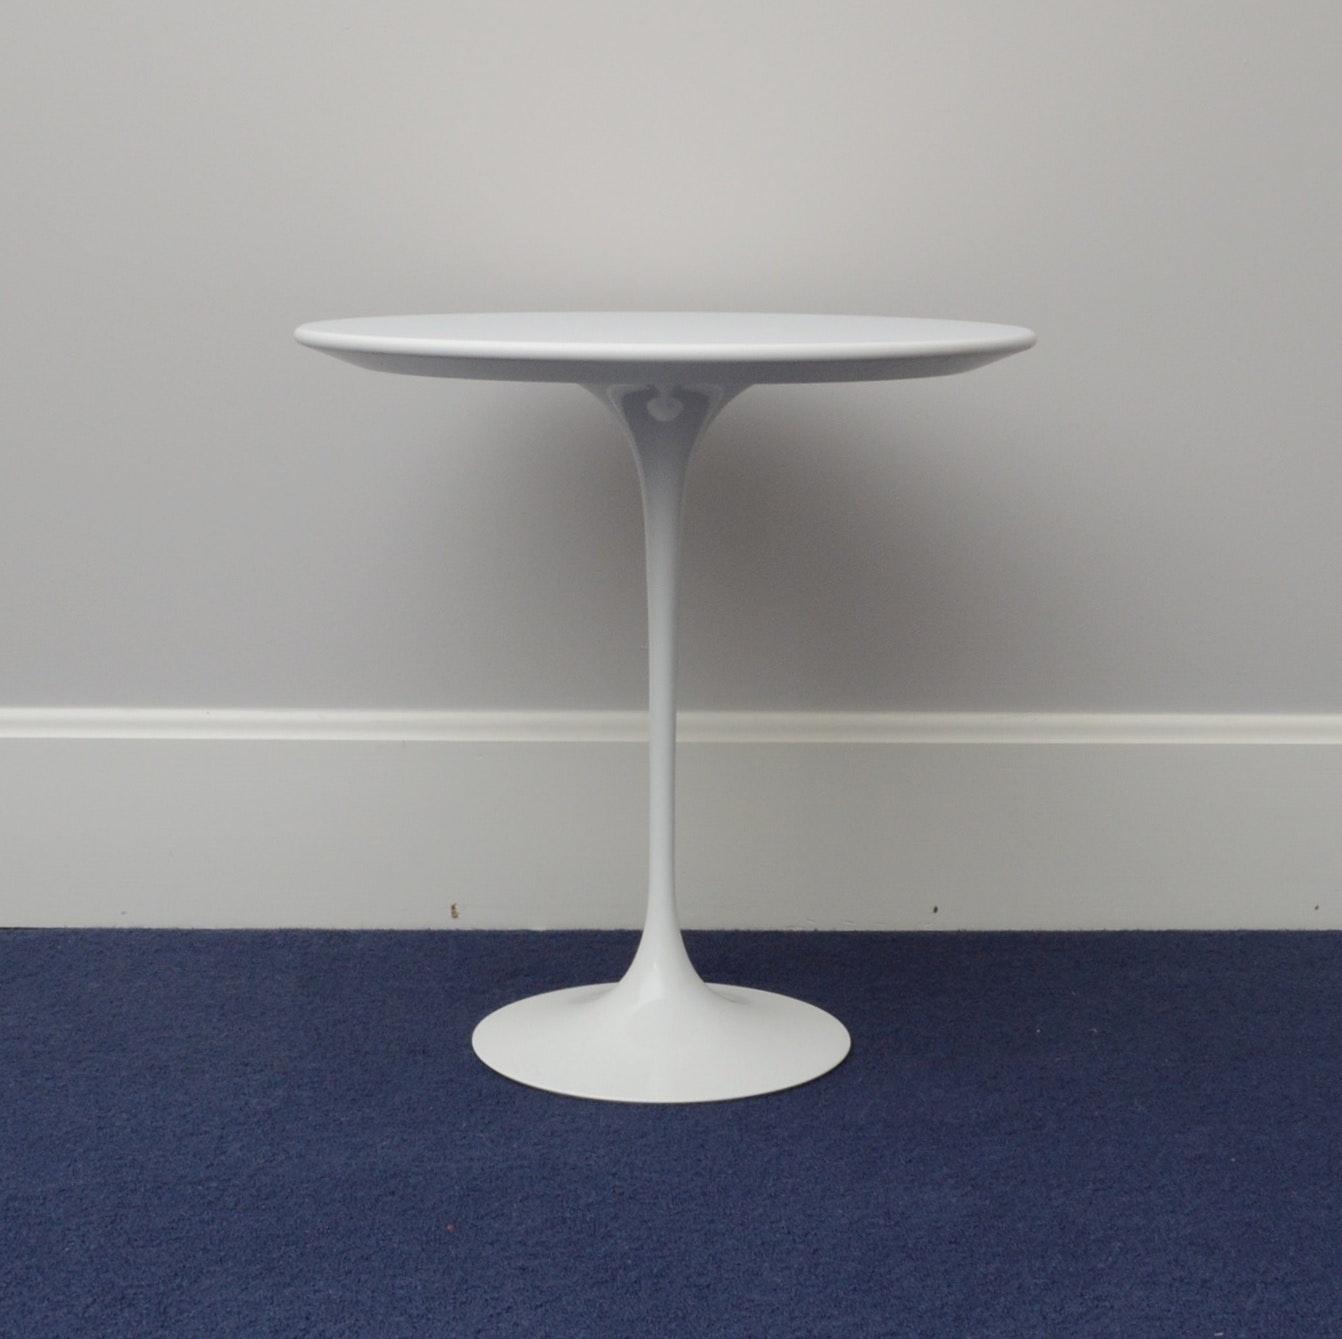 Mid Century Saarinen Tulip Table by Knoll